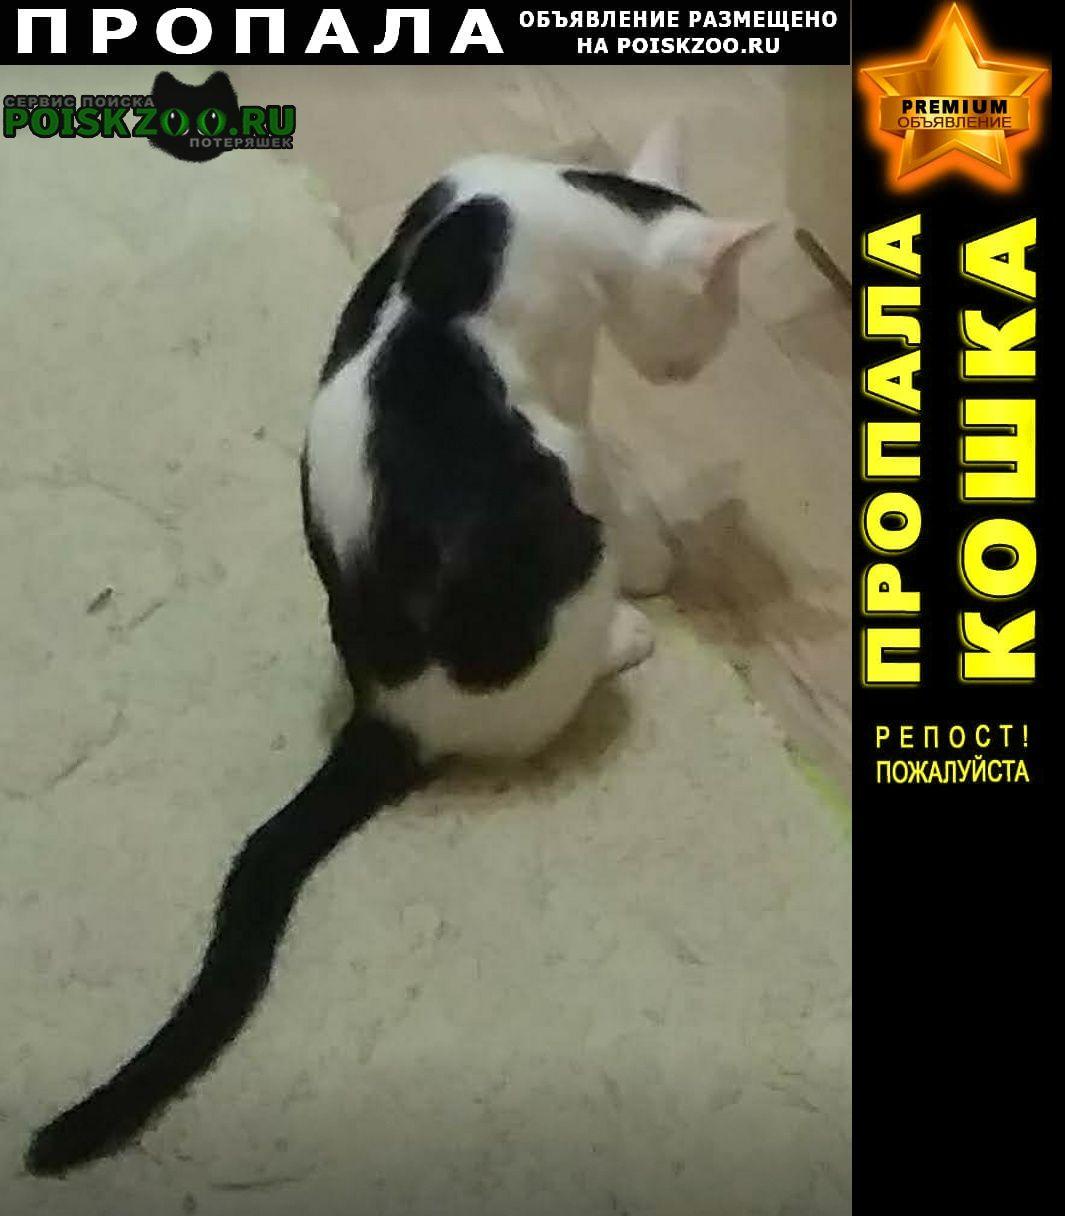 Раменское Пропал кот черно-белый